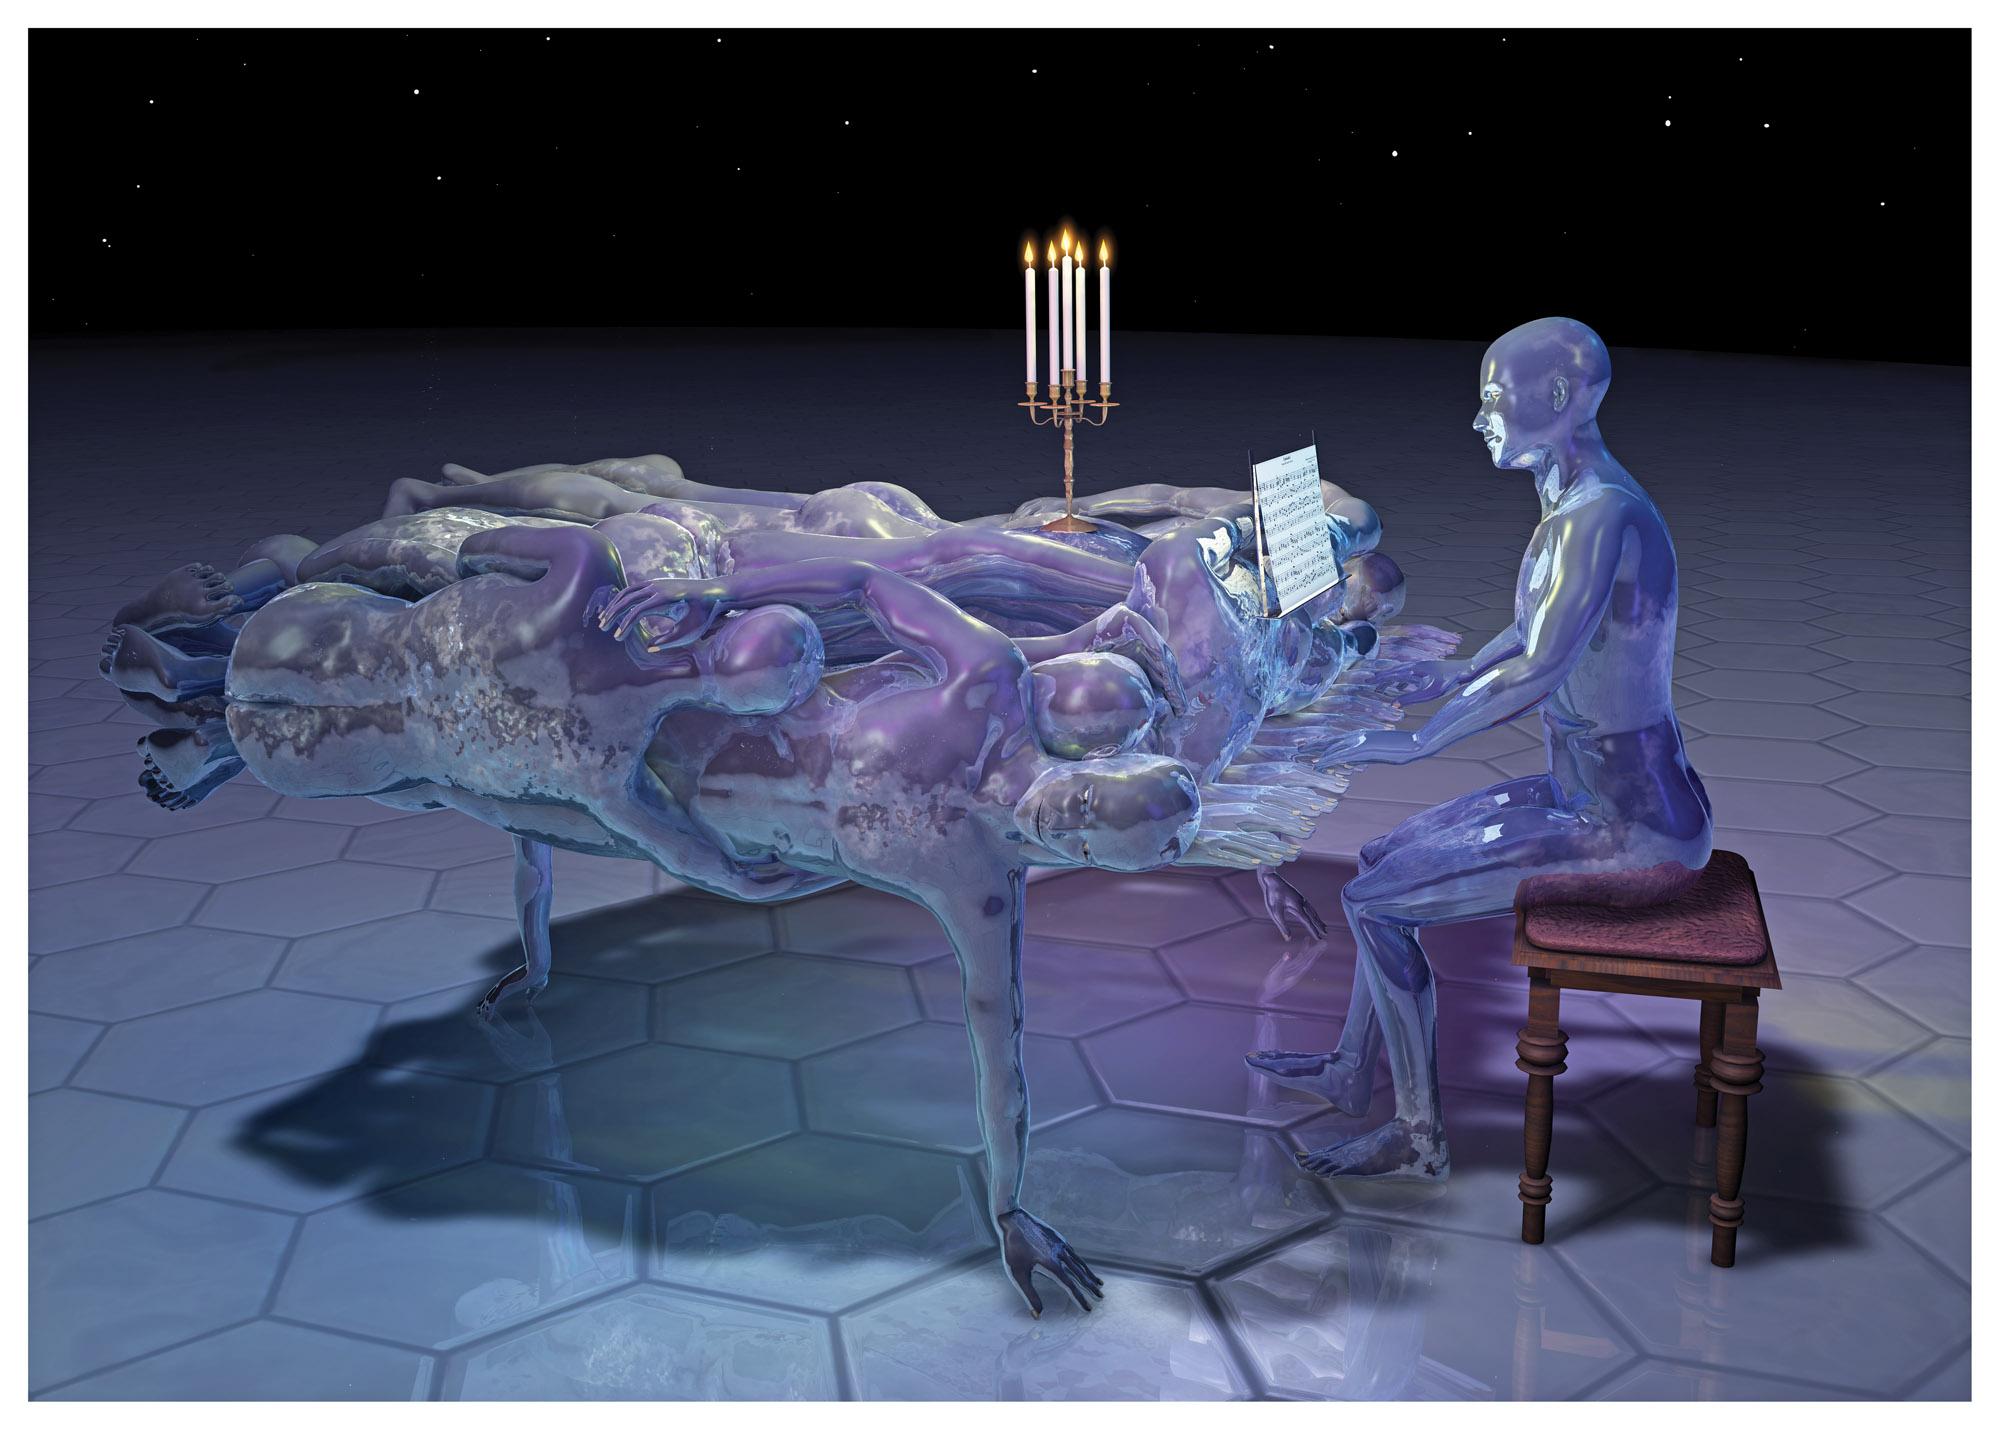 Piano, 2012, 70x100 cm